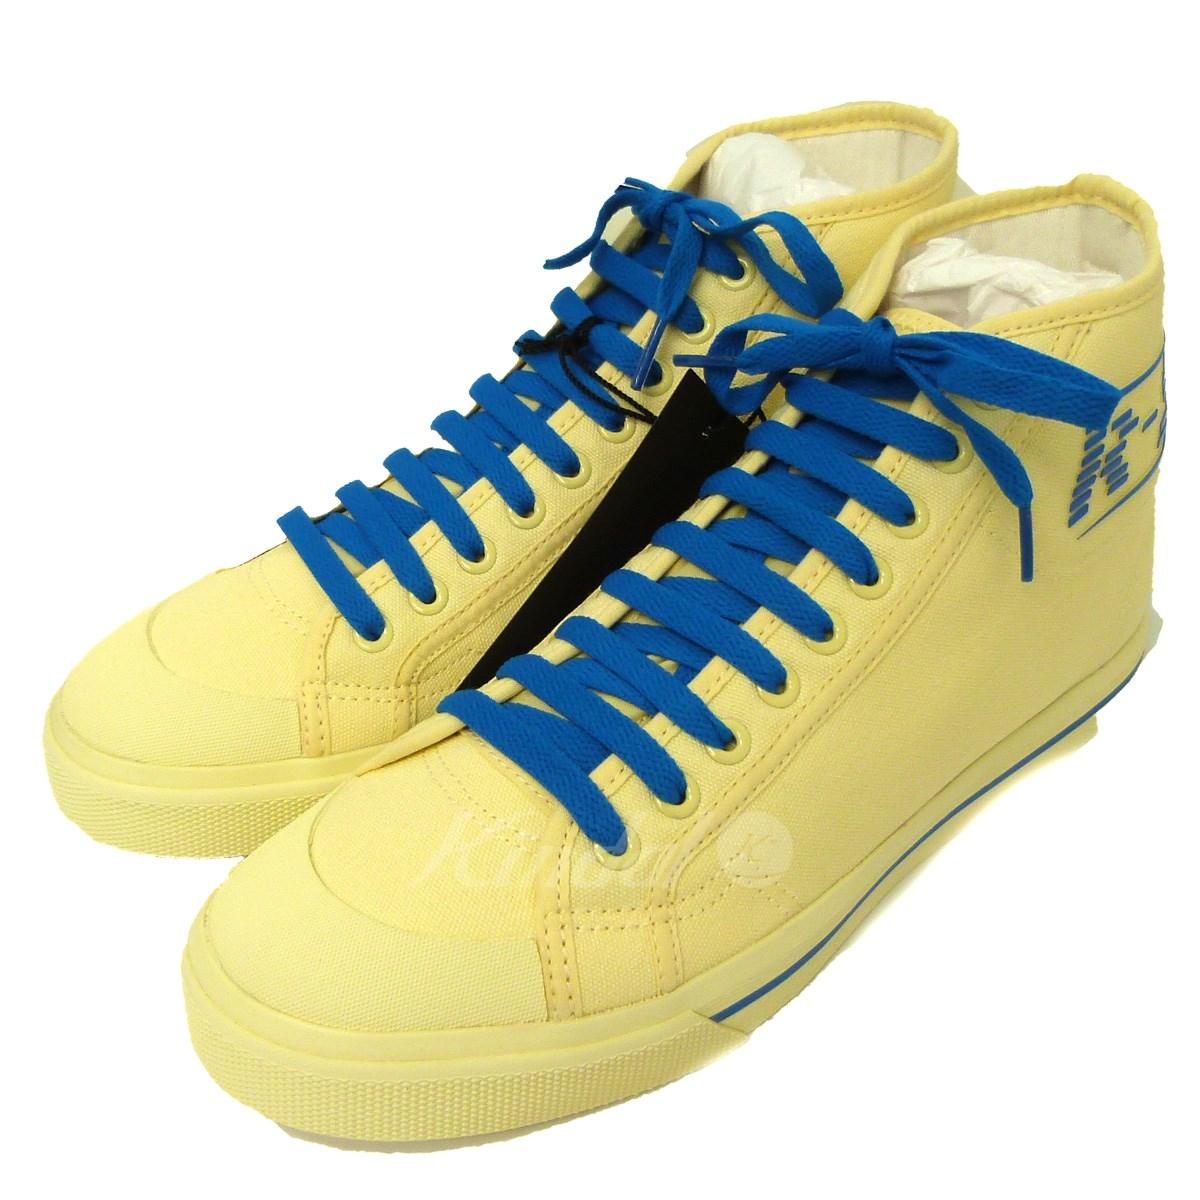 【中古】adidas by RAF SIMONS 「MATRIX SPIRIT H」ハイカットスニーカー 【送料無料】 【079202】 【星】